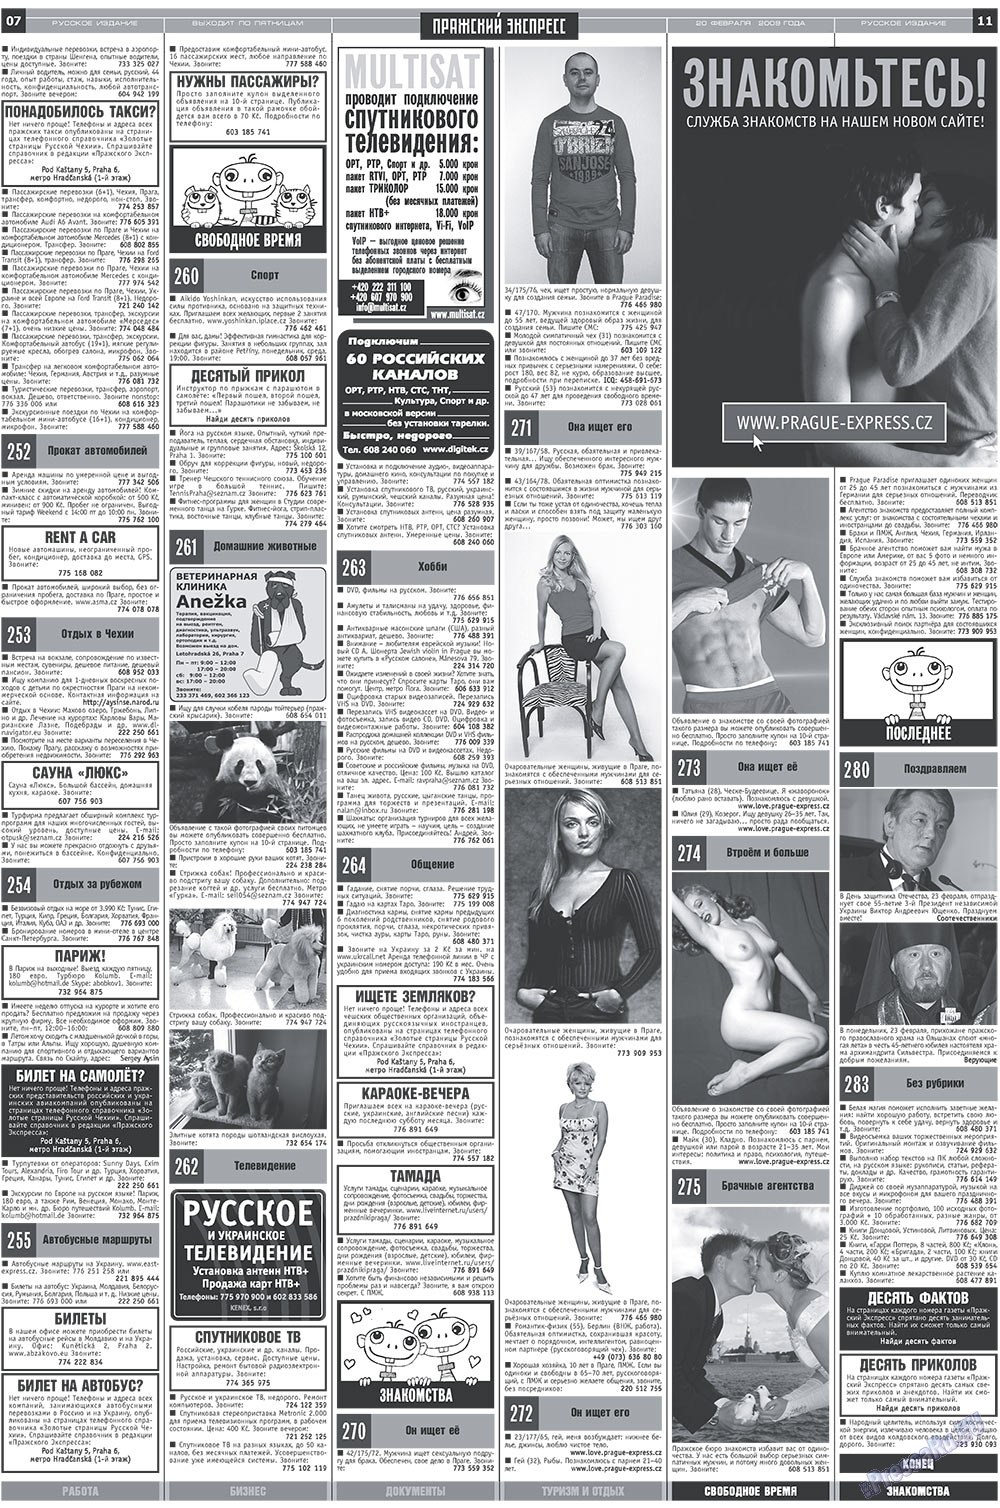 Пражский экспресс (газета). 2009 год, номер 7, стр. 11